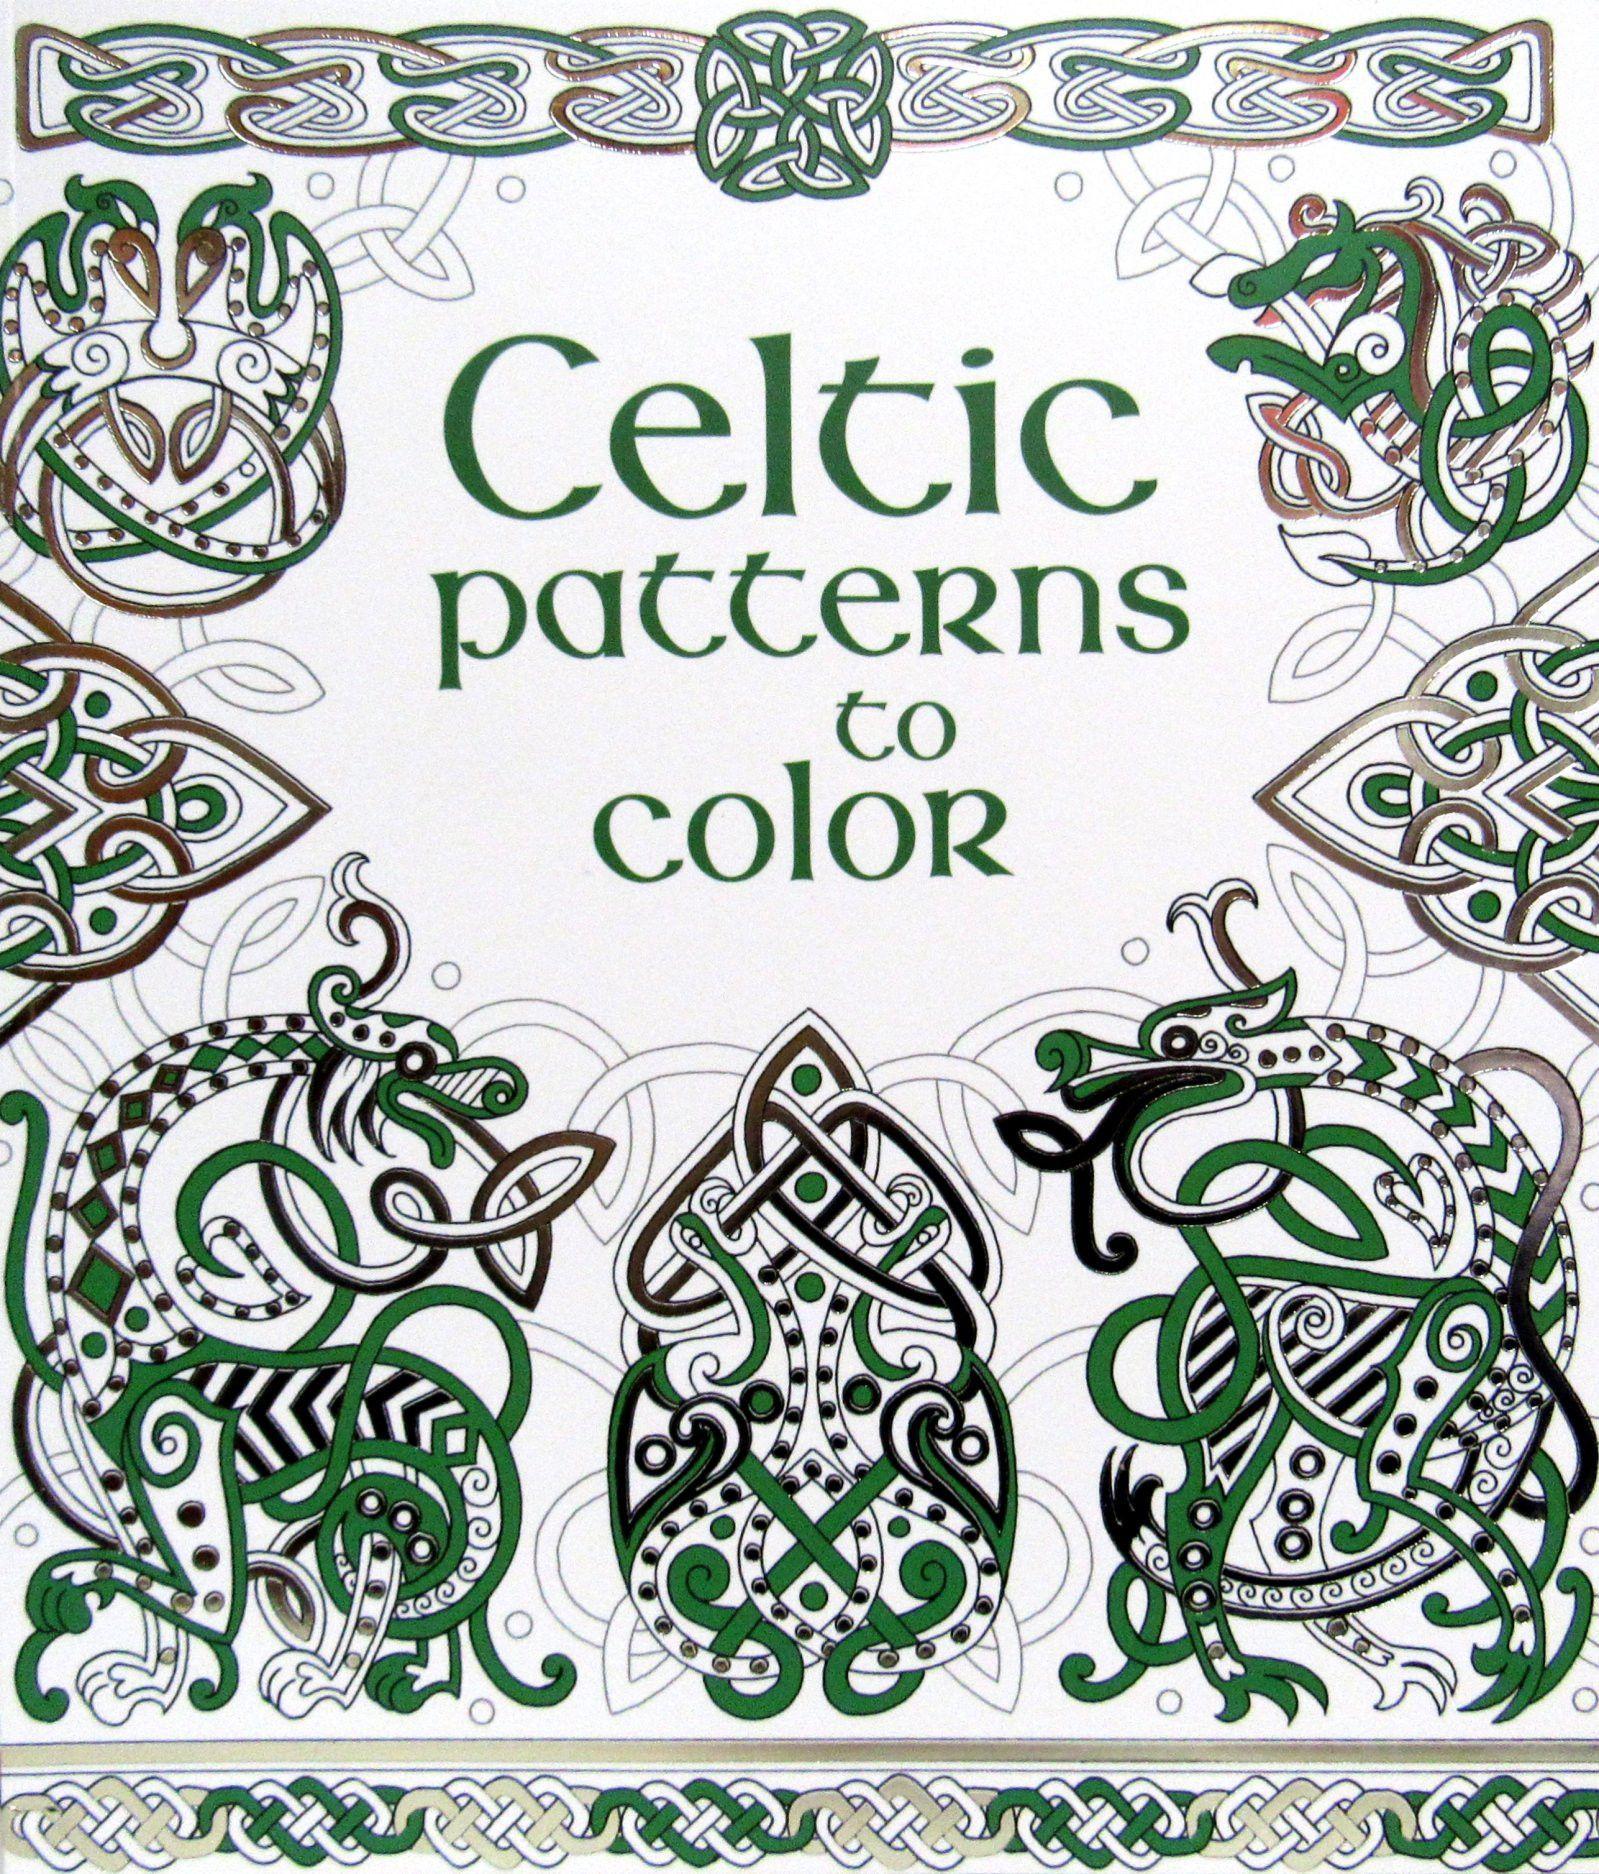 Celtic Patterns To Color Paperback